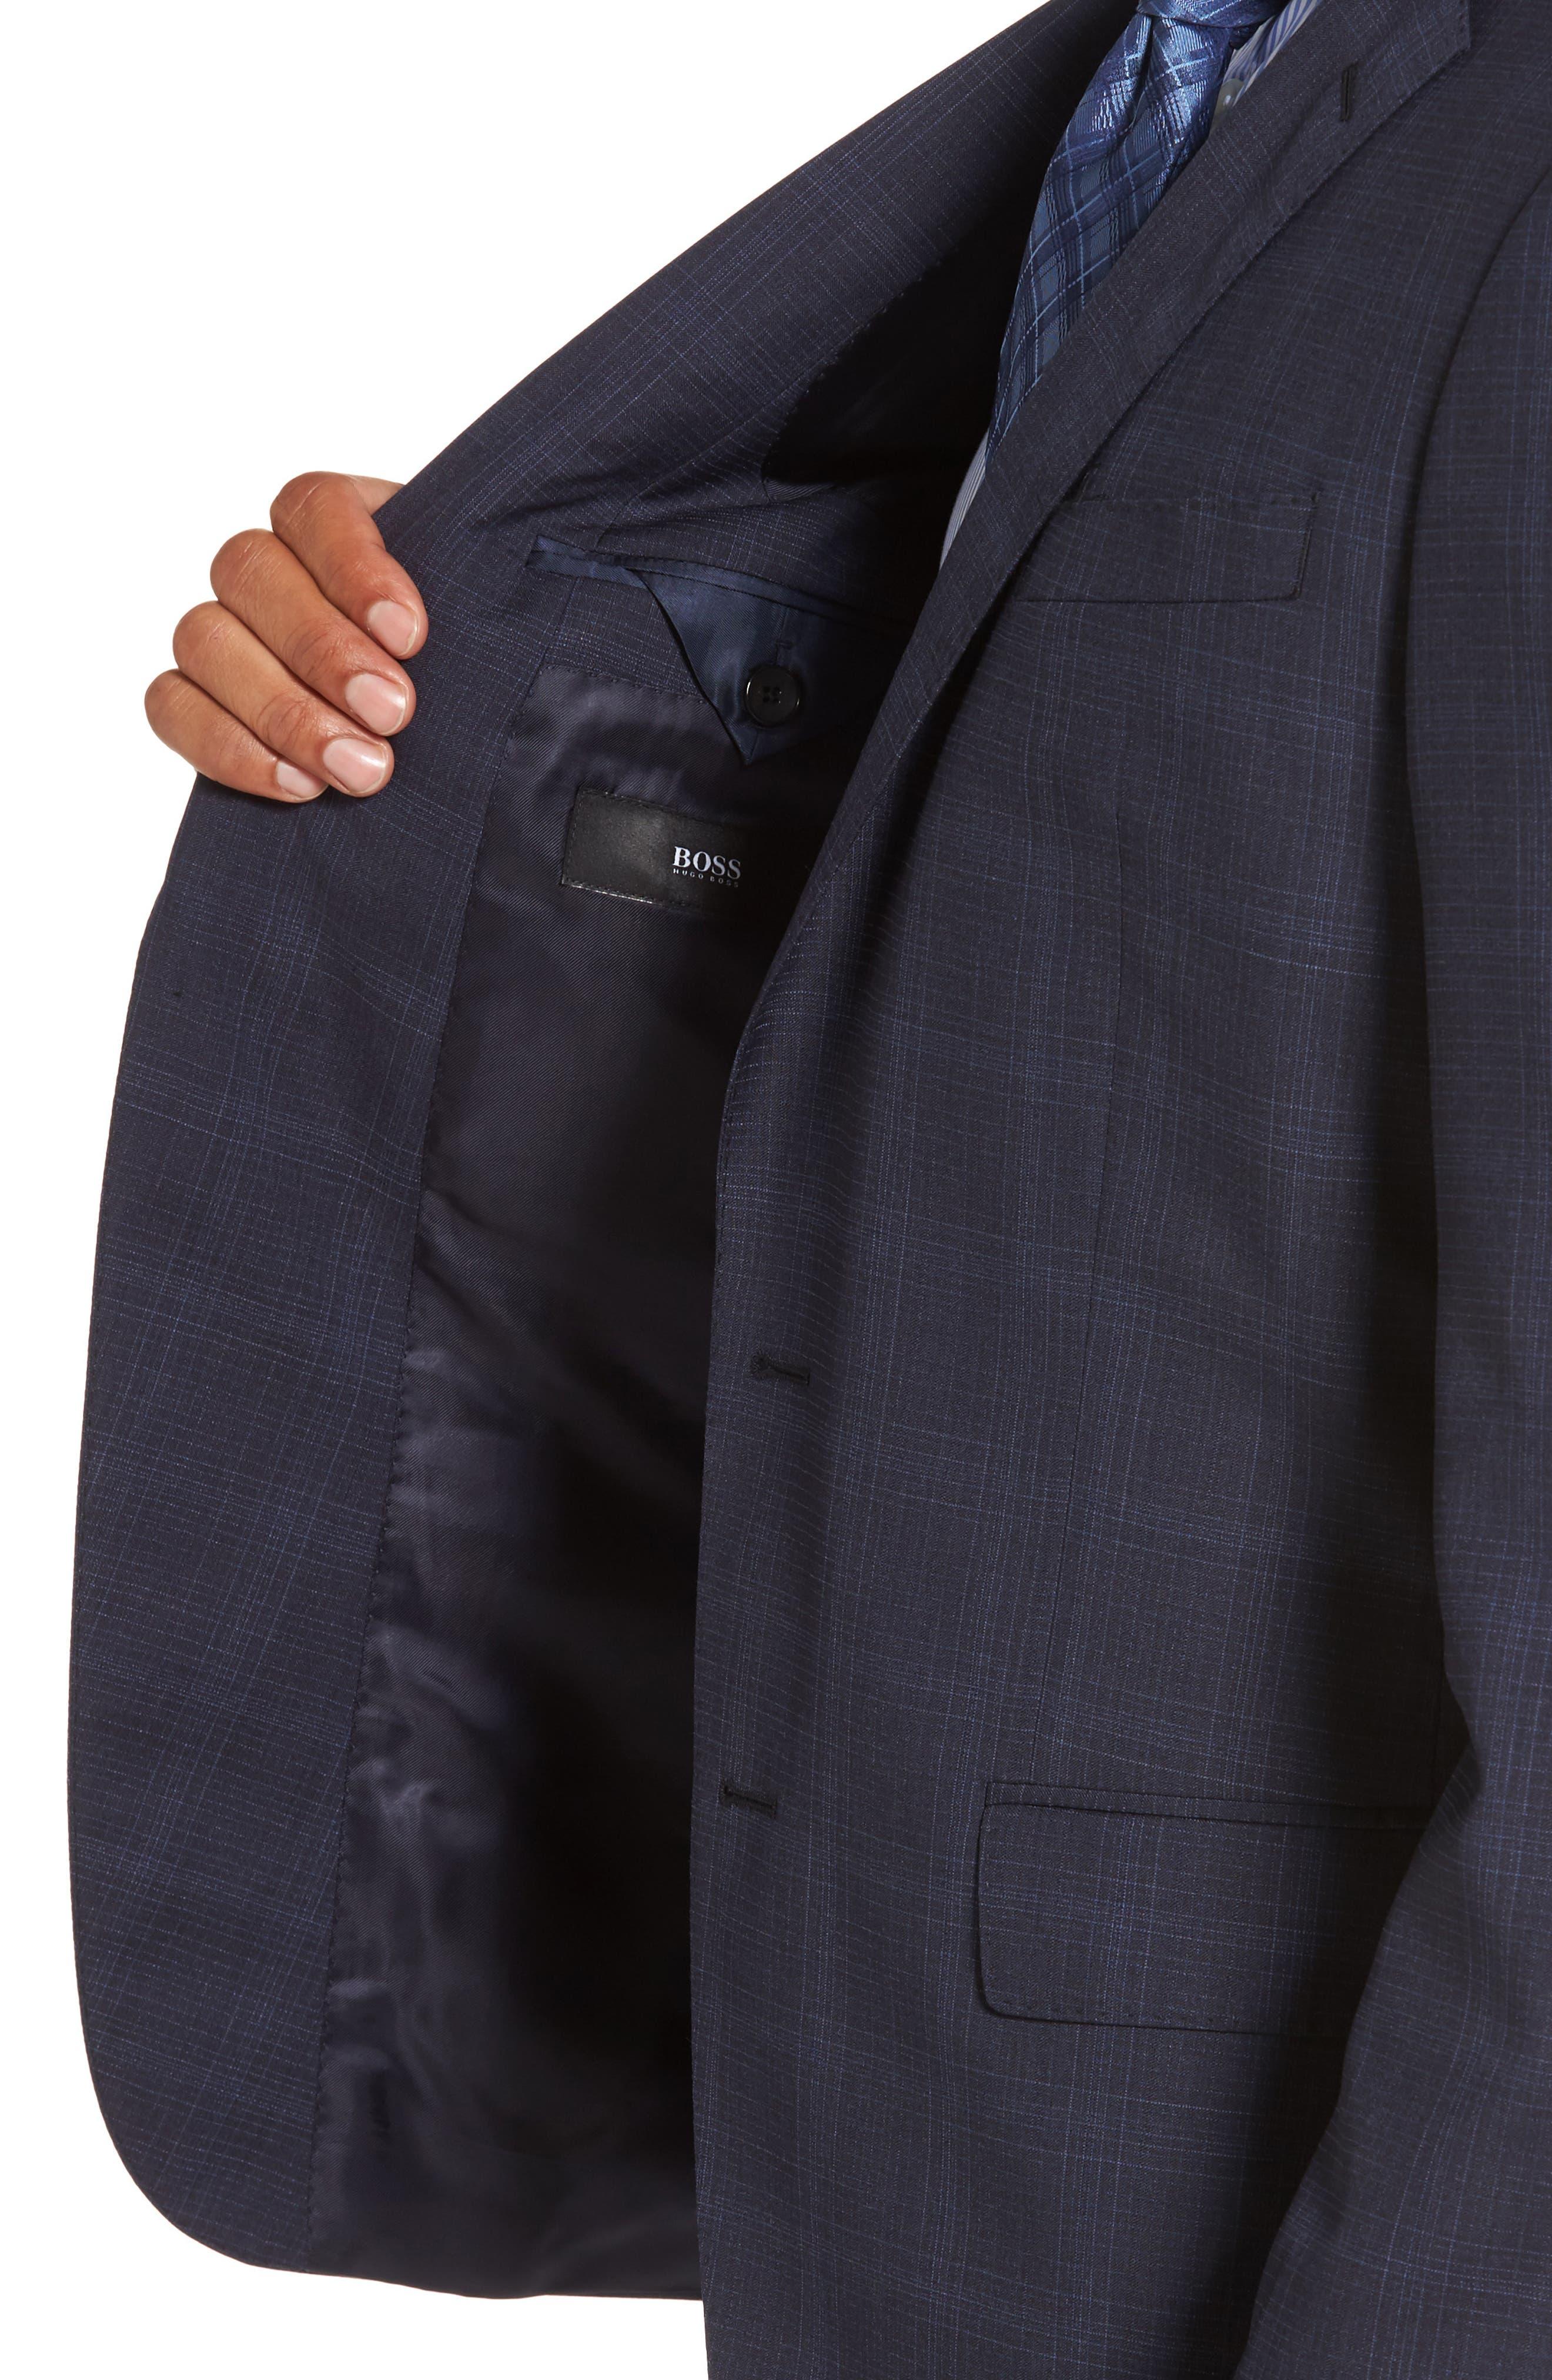 Huge/Genius Trim Fit Plaid Wool Suit,                             Alternate thumbnail 4, color,                             410